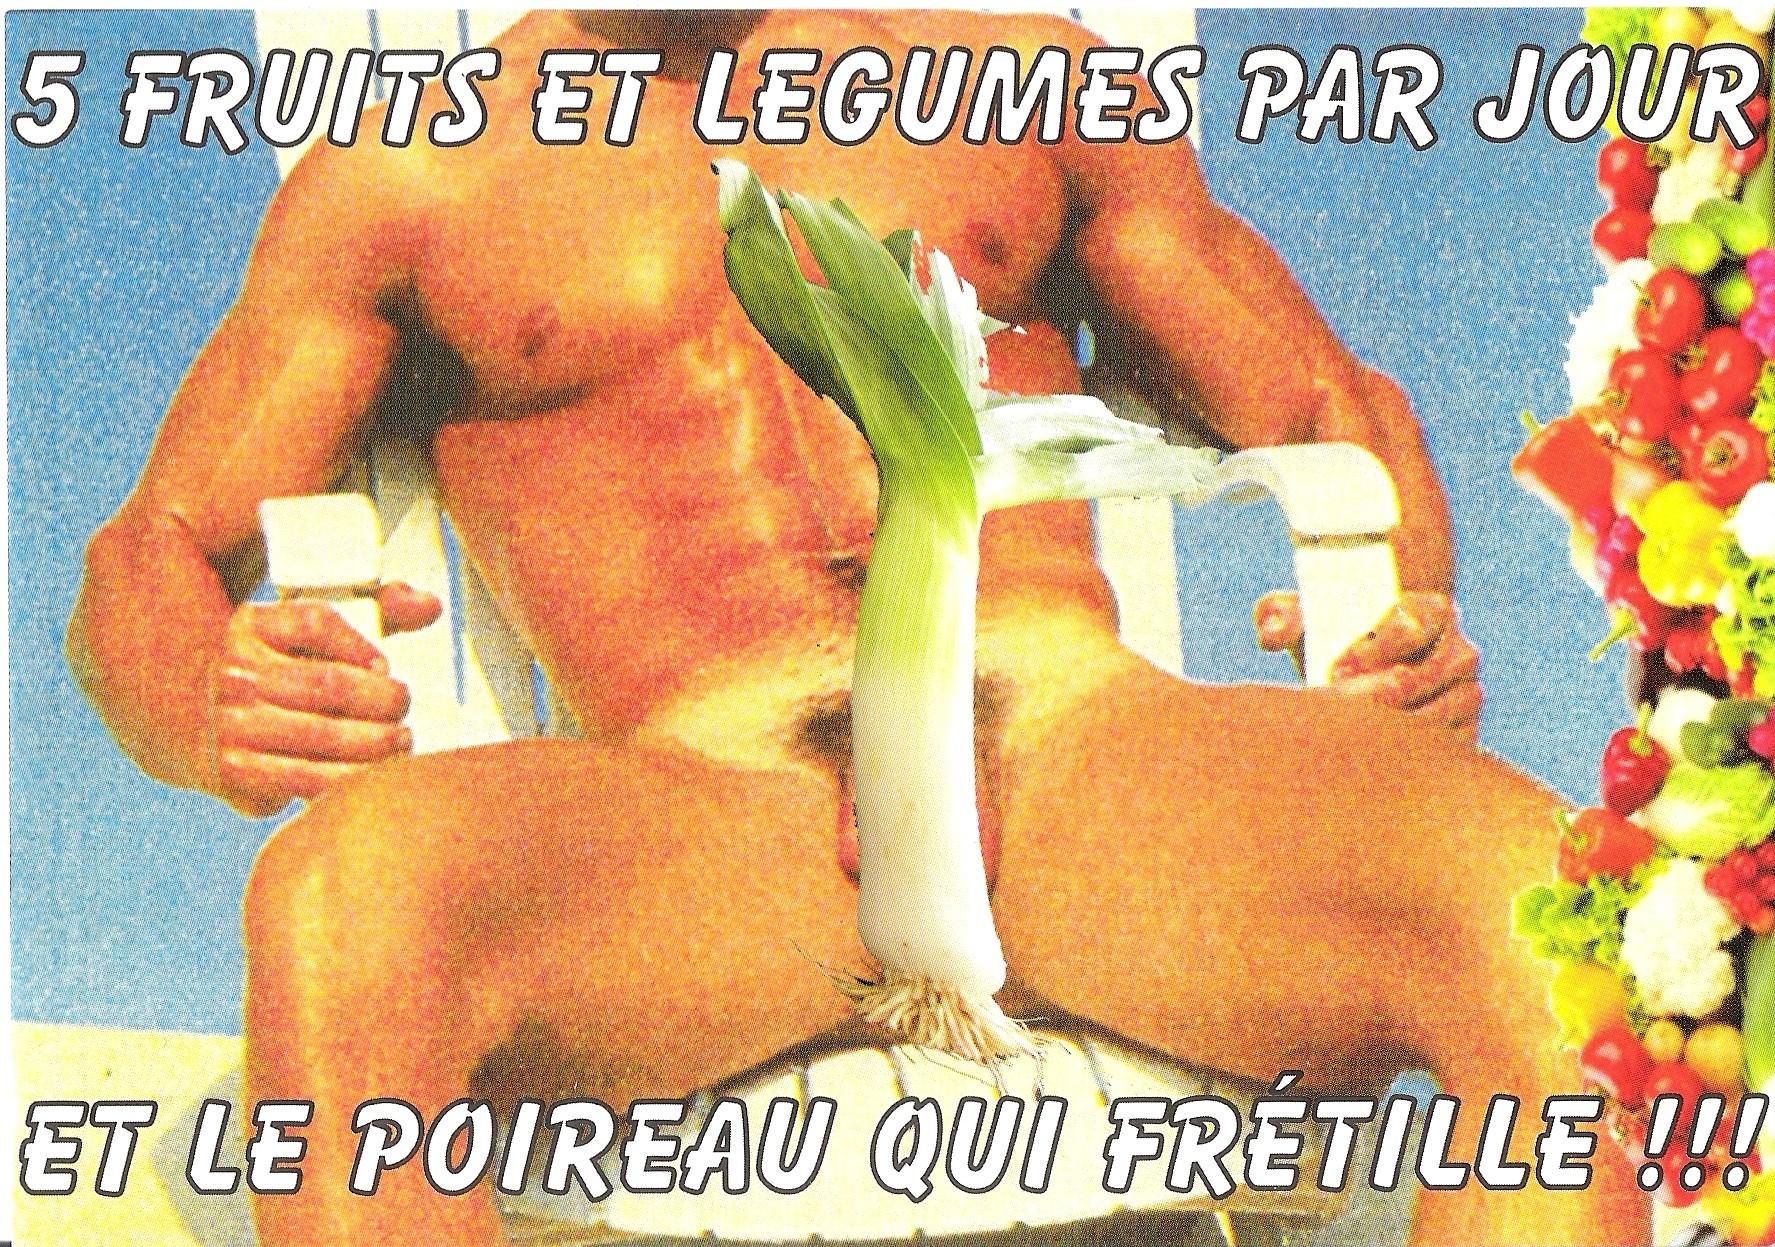 carte-postale-julien-070911-fruits-et-lc3a9gumes0001